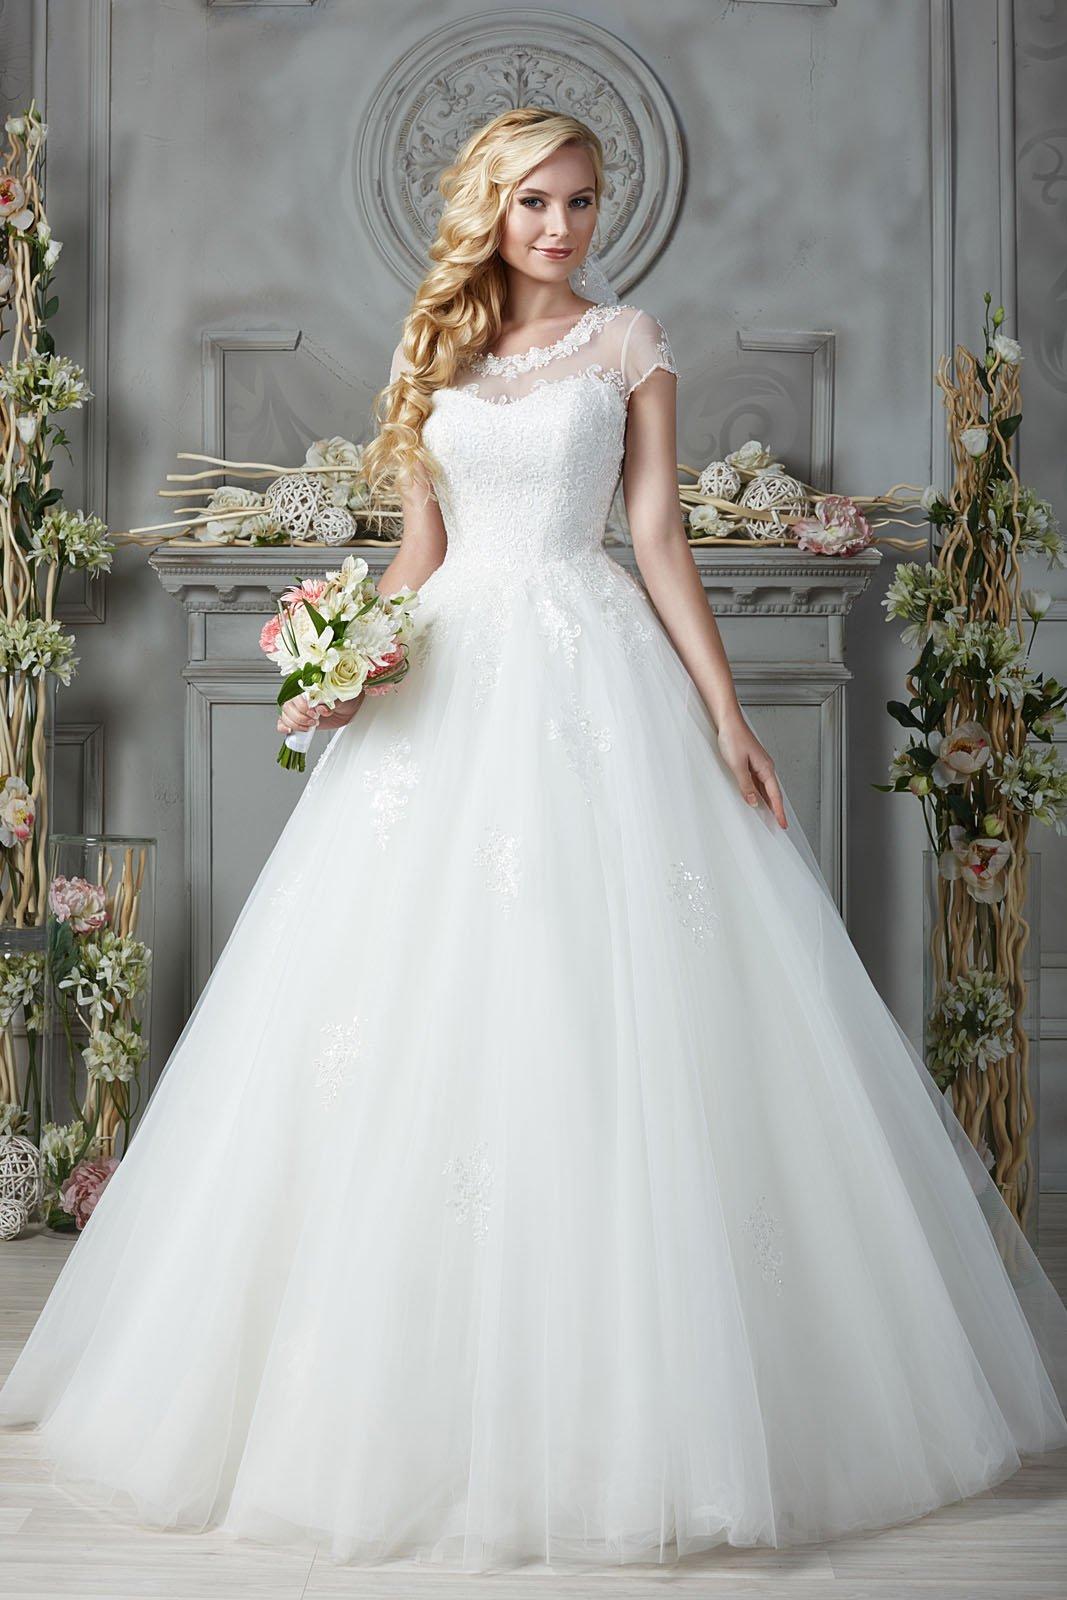 Закрытое свадебное платье с коротким рукавом, округлым вырезом и юбкой А-силуэта.